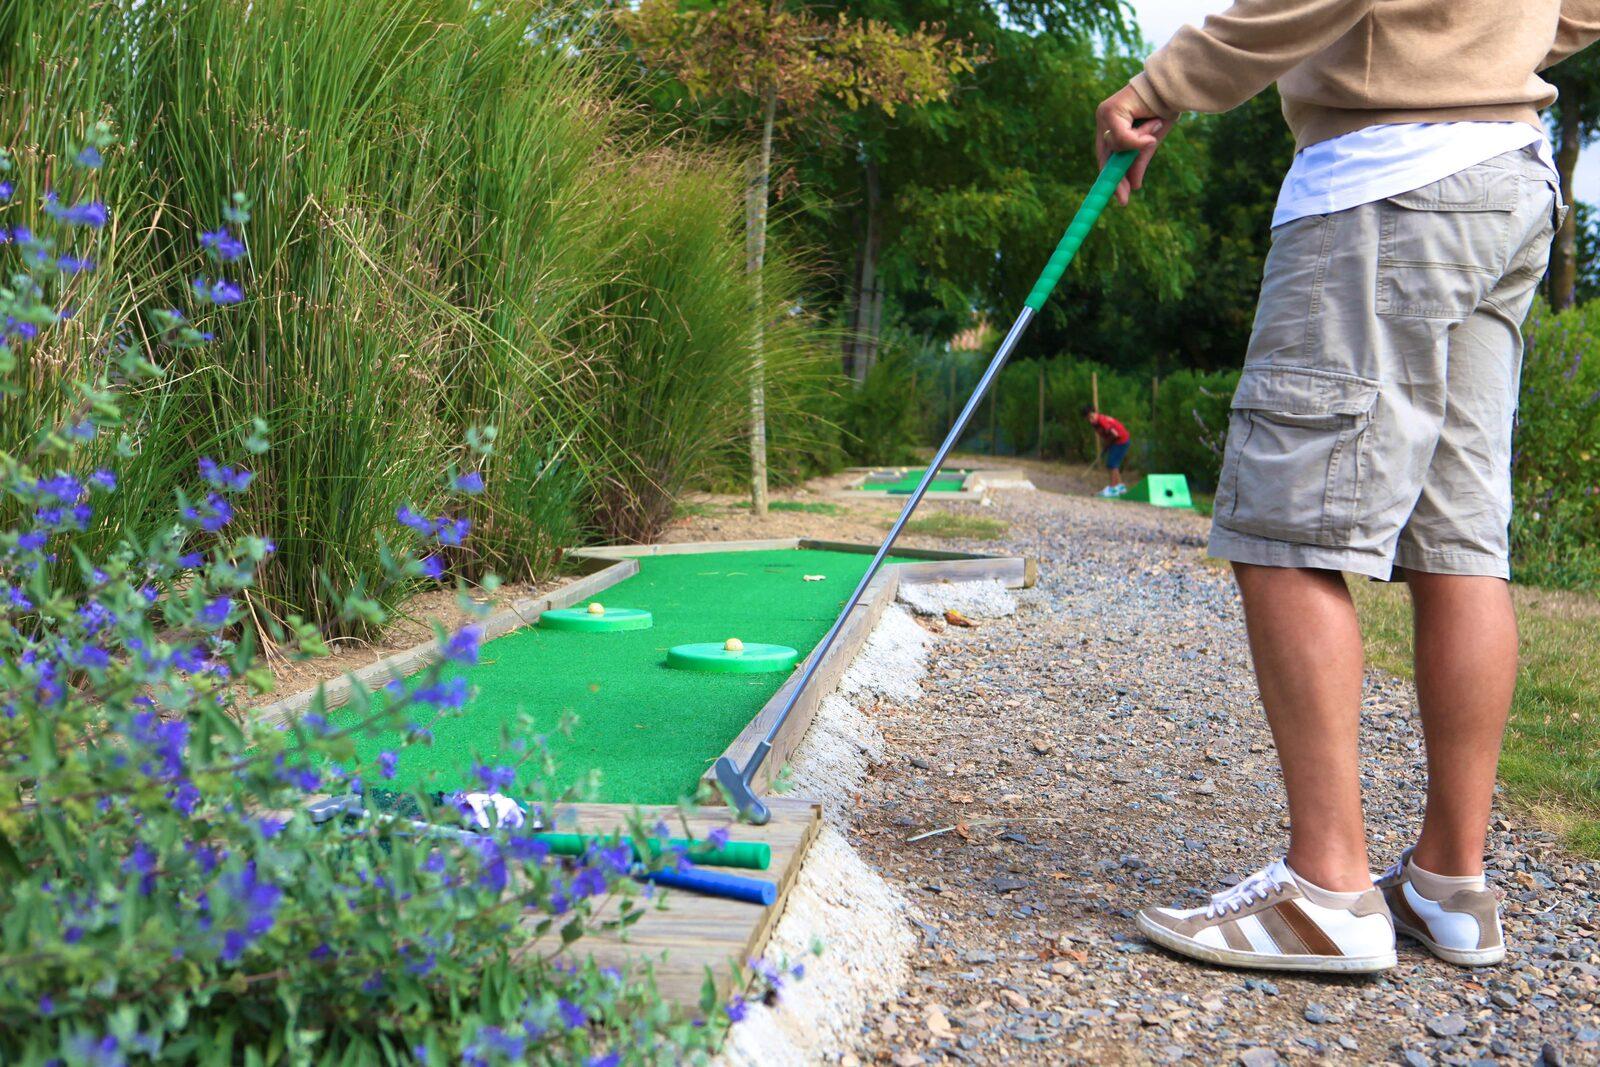 Le mini-golf